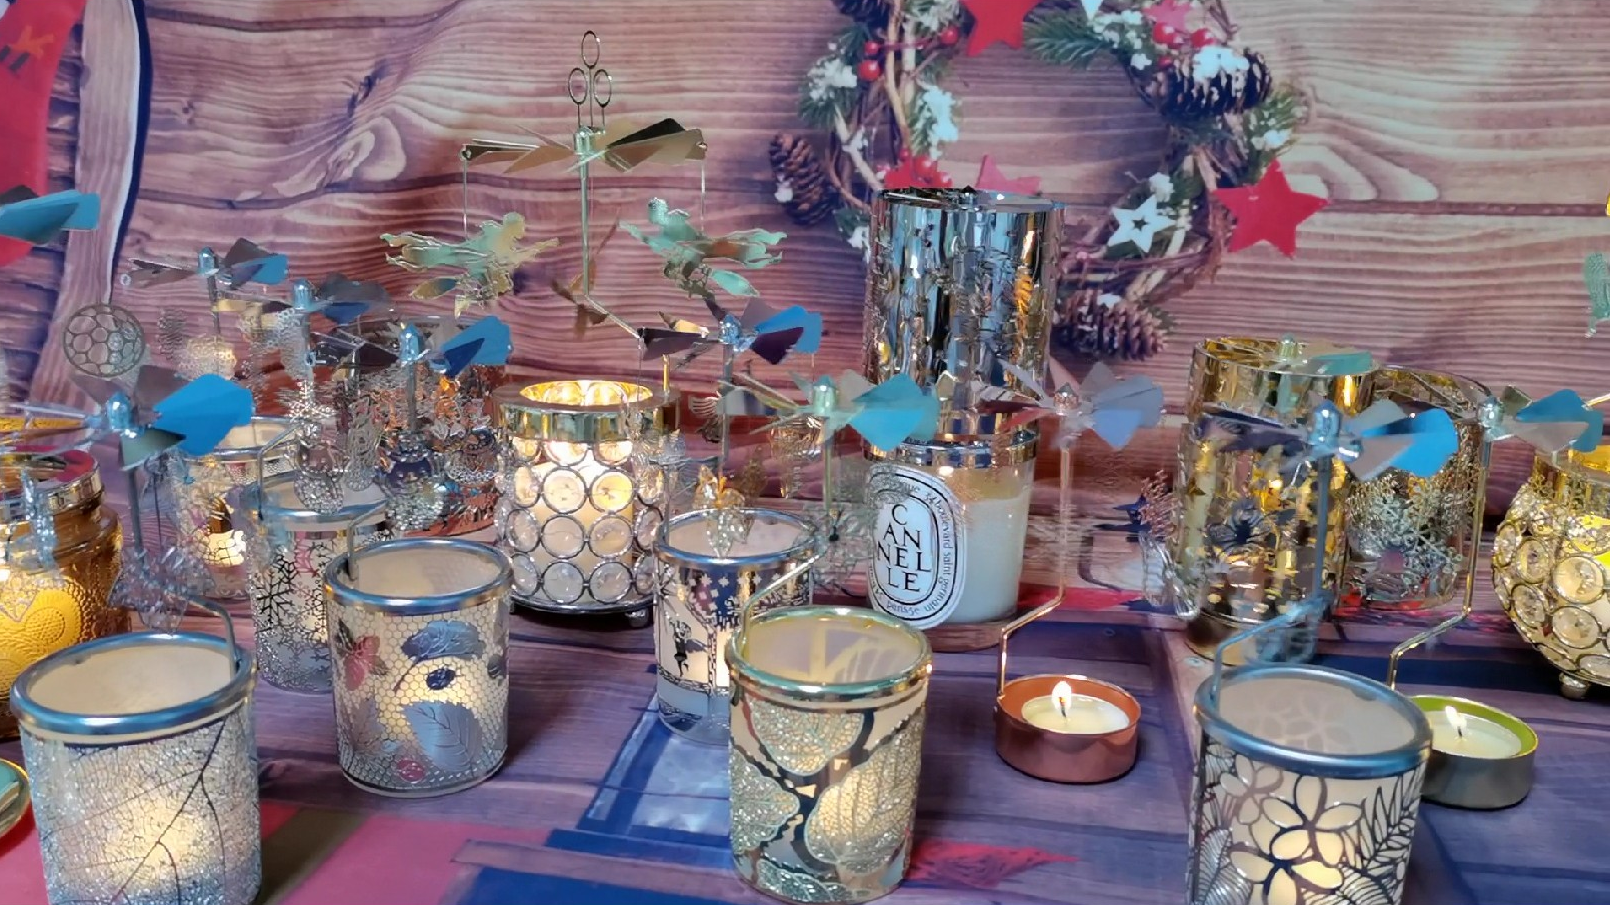 Personalizado árvore de coco seaside cenário vitrais castiçal suporte de vela da luz do chá com o rotary girando macaco